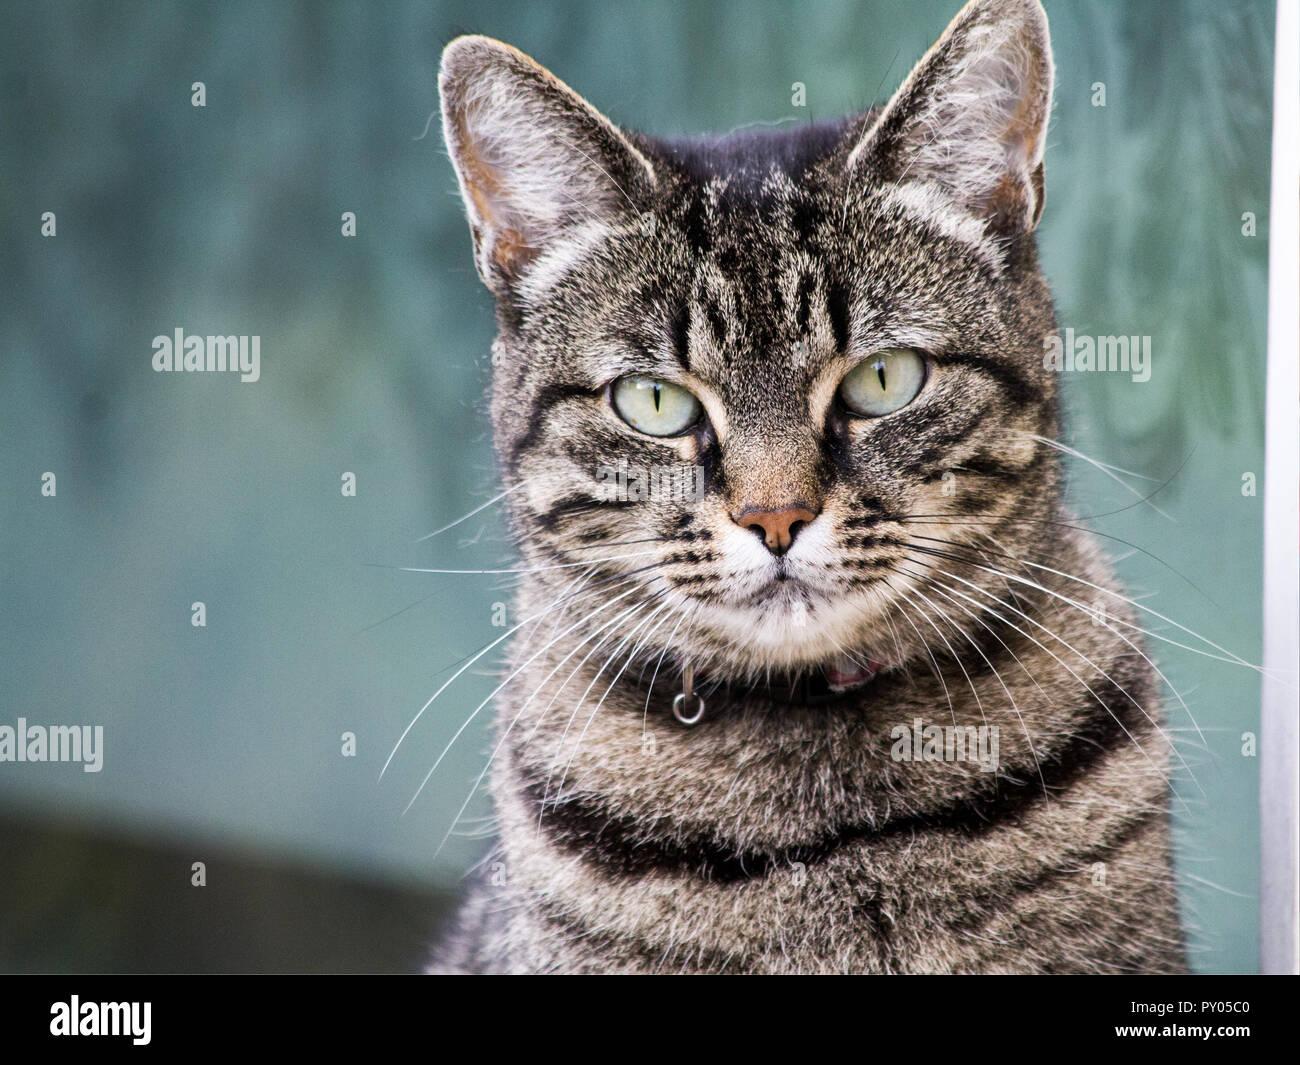 Un bel gatto con molto sottile iris' nei suoi occhi che posano per la fotocamera. Immagini Stock